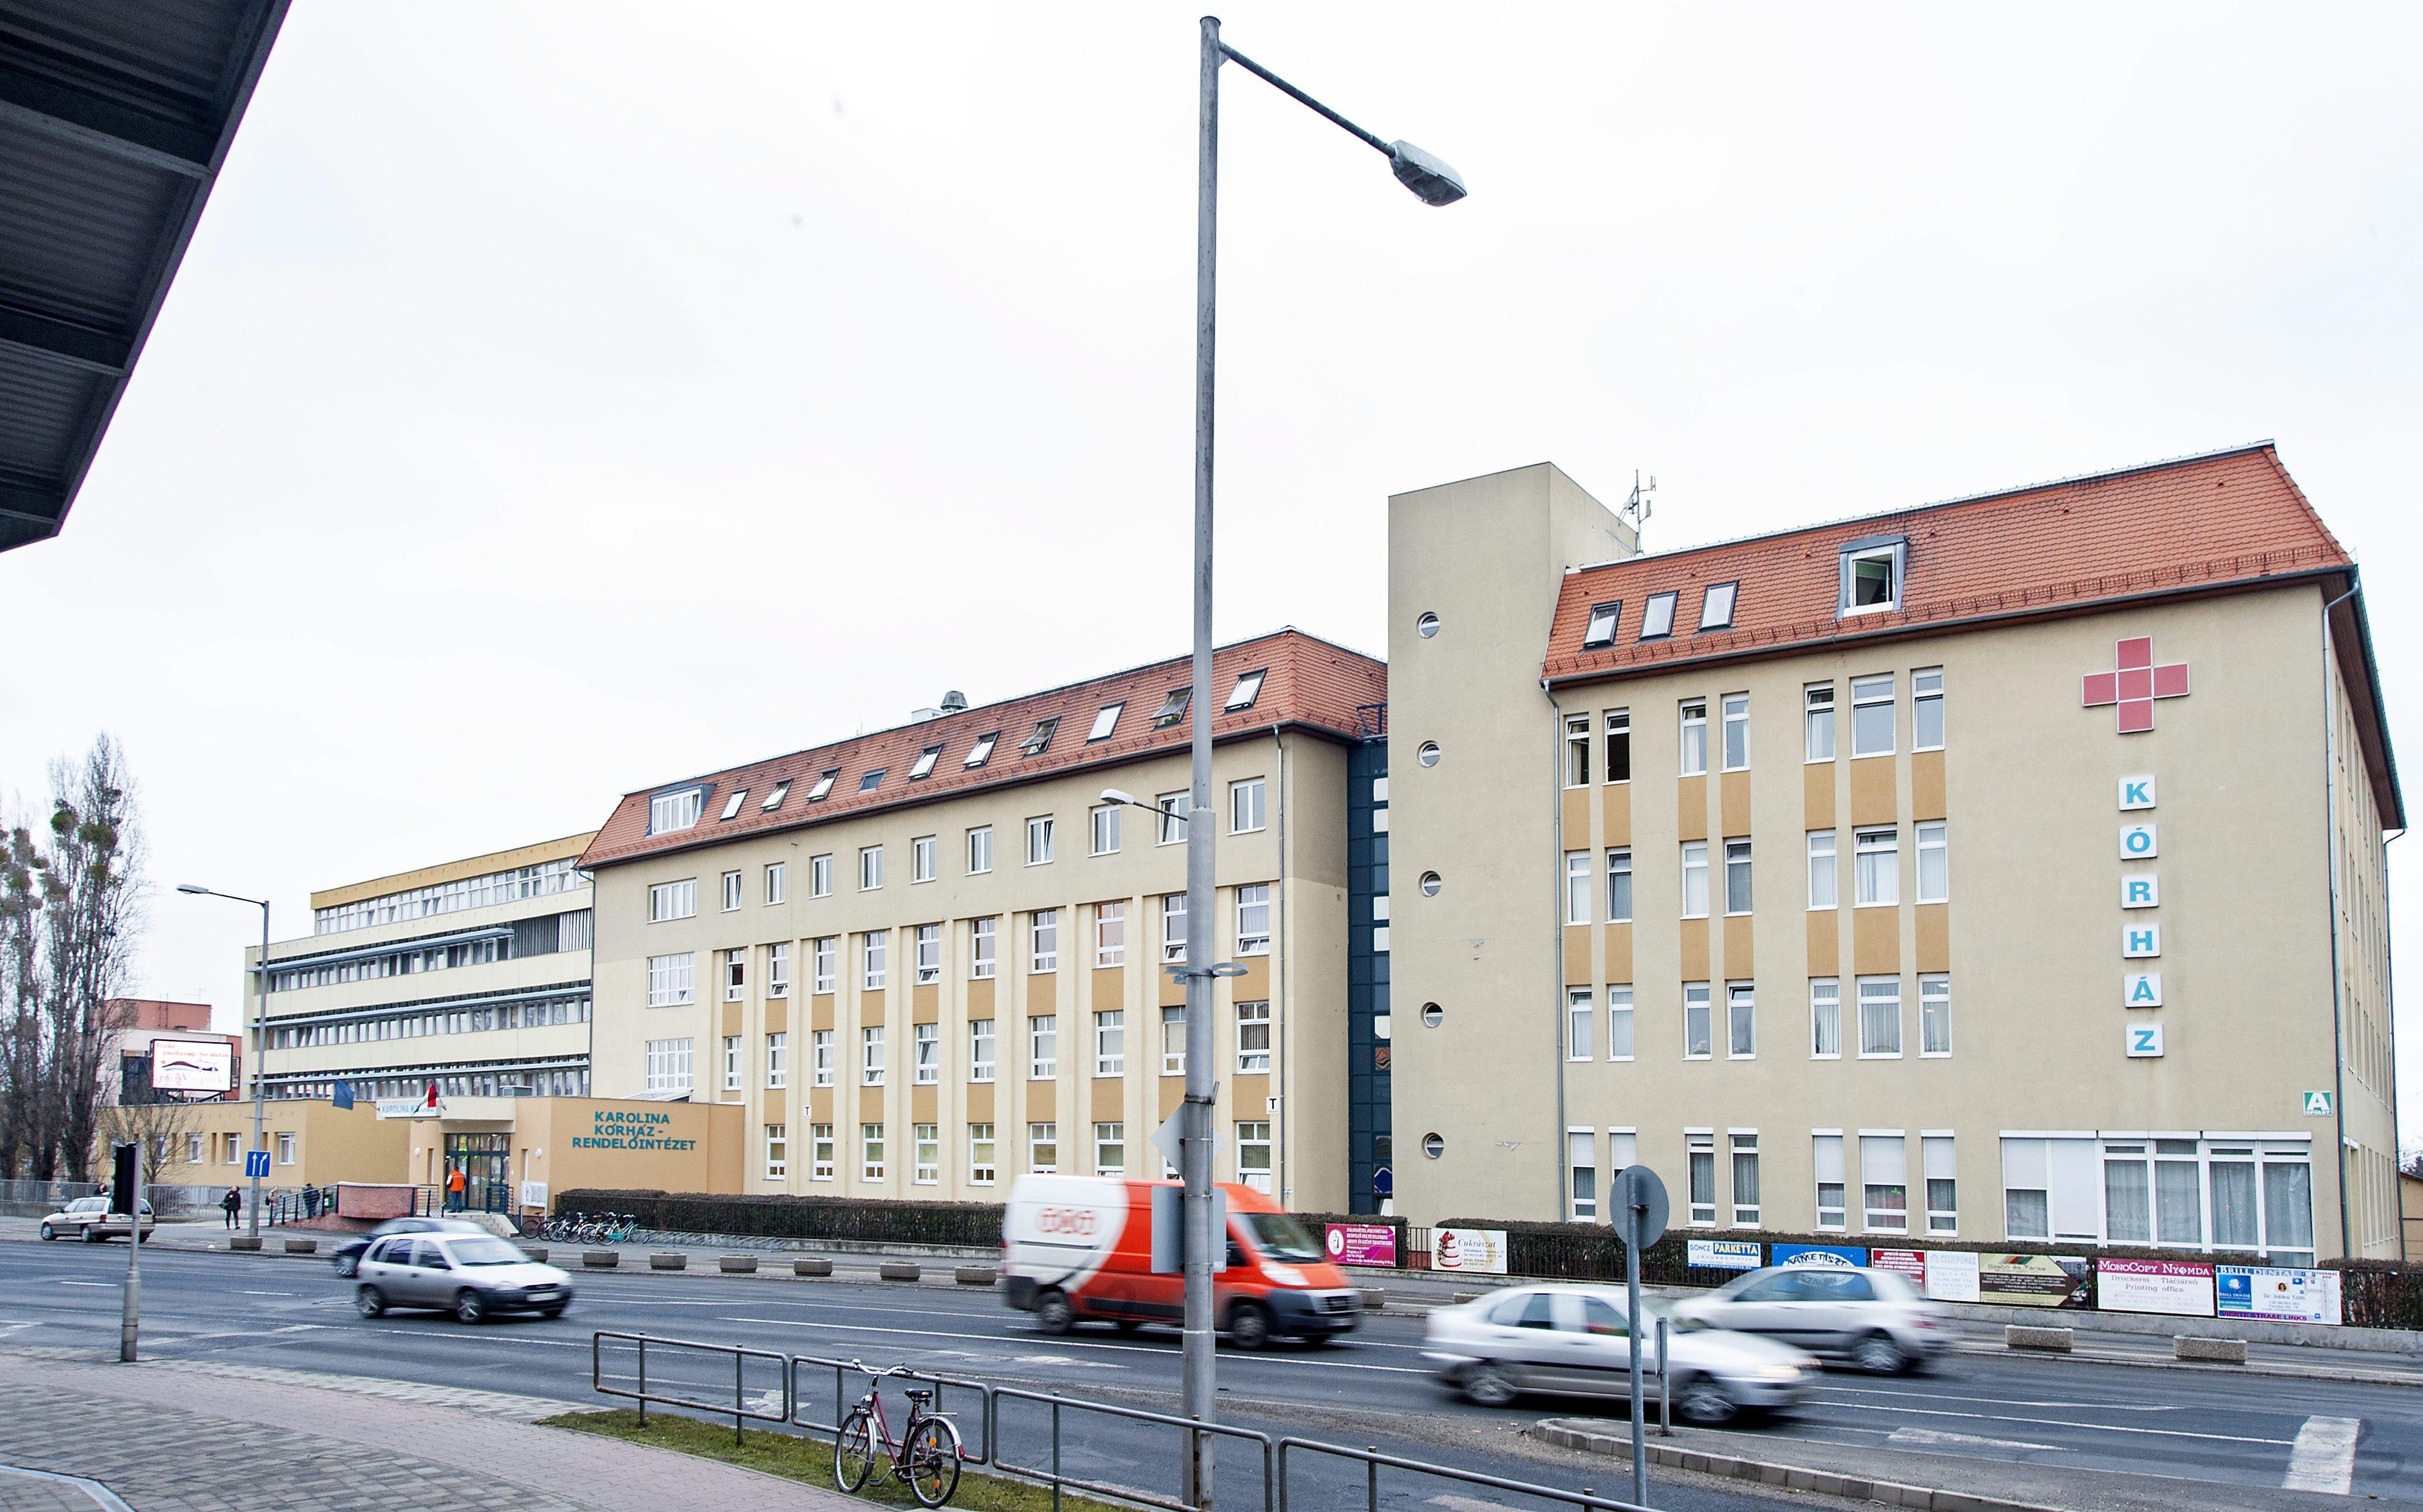 Nyílt levélben vár magyarázatot a mosonmagyaróvári polgármester, miért omlott össze az ellátás a helyi kórházban